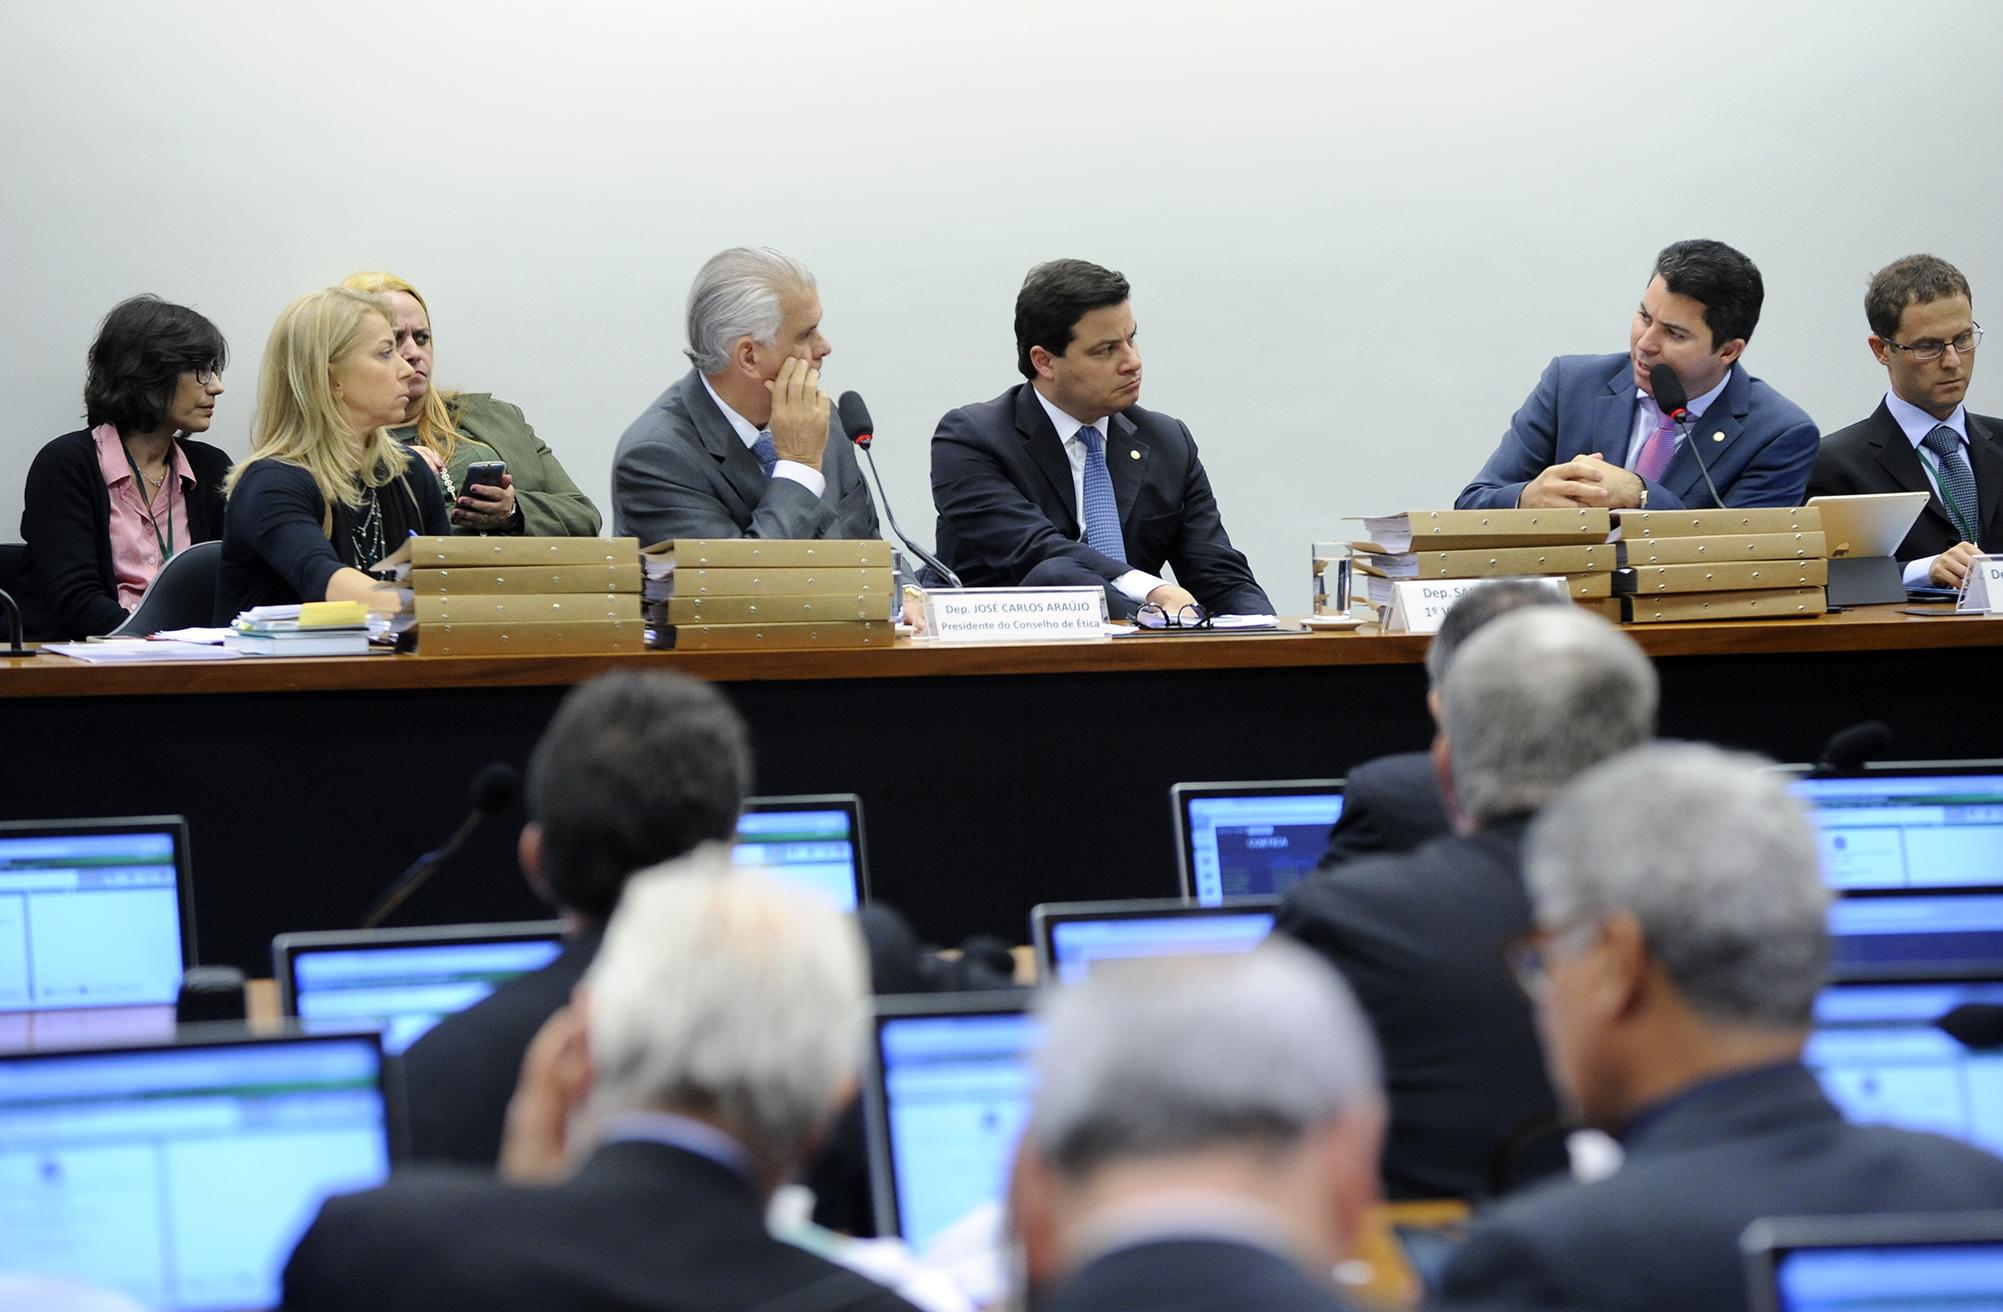 Reunião ordinária para discussão e votação do parecer referente ao processo nº 01/15, representação nº 01/15, do PSOL e REDE, em desfavor do dep. Eduardo Cunha (PMDB-RJ)